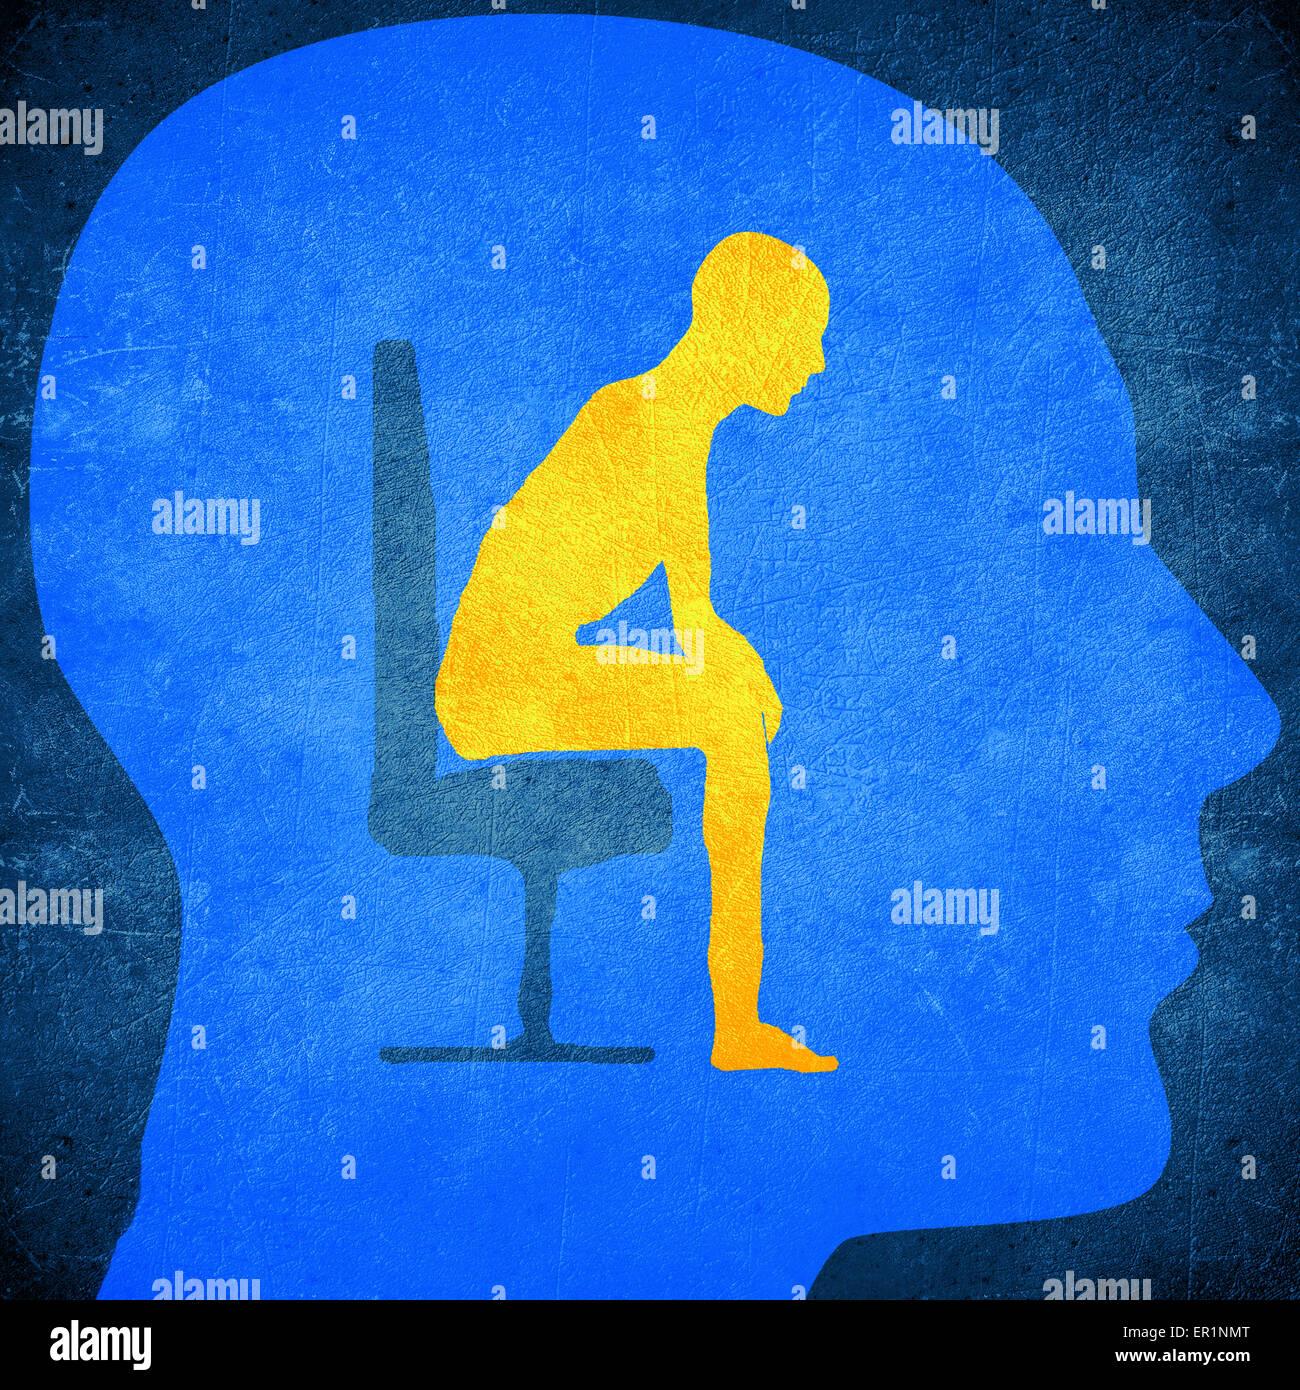 Blu testa umana silhouette con un uomo seduto all'interno del concetto di psicologia Immagini Stock